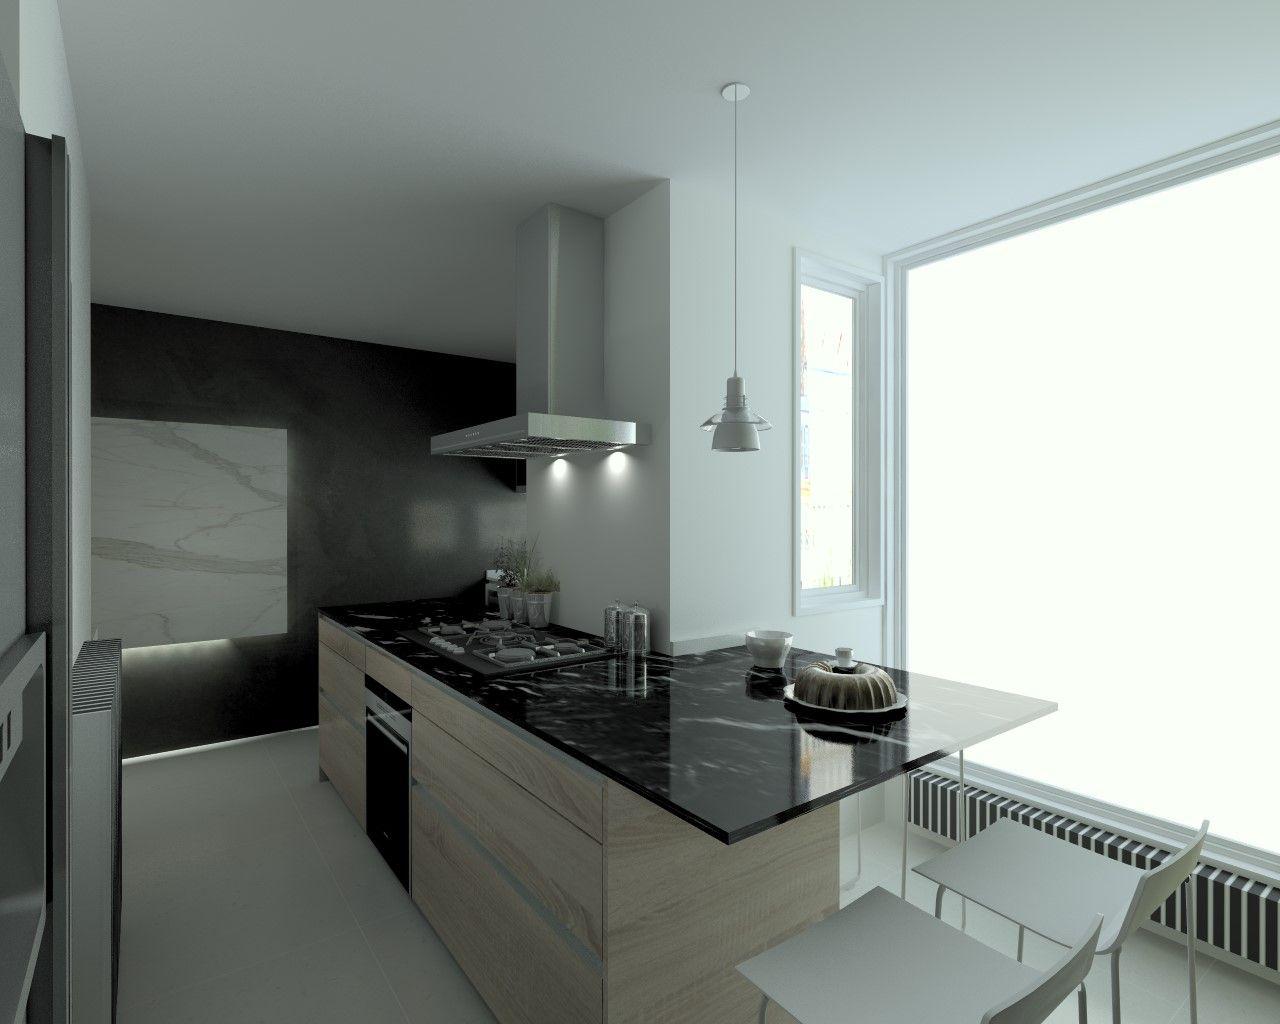 Cocina santos modelo line laminado seda blanco encimera - Encimera marmol cocina ...